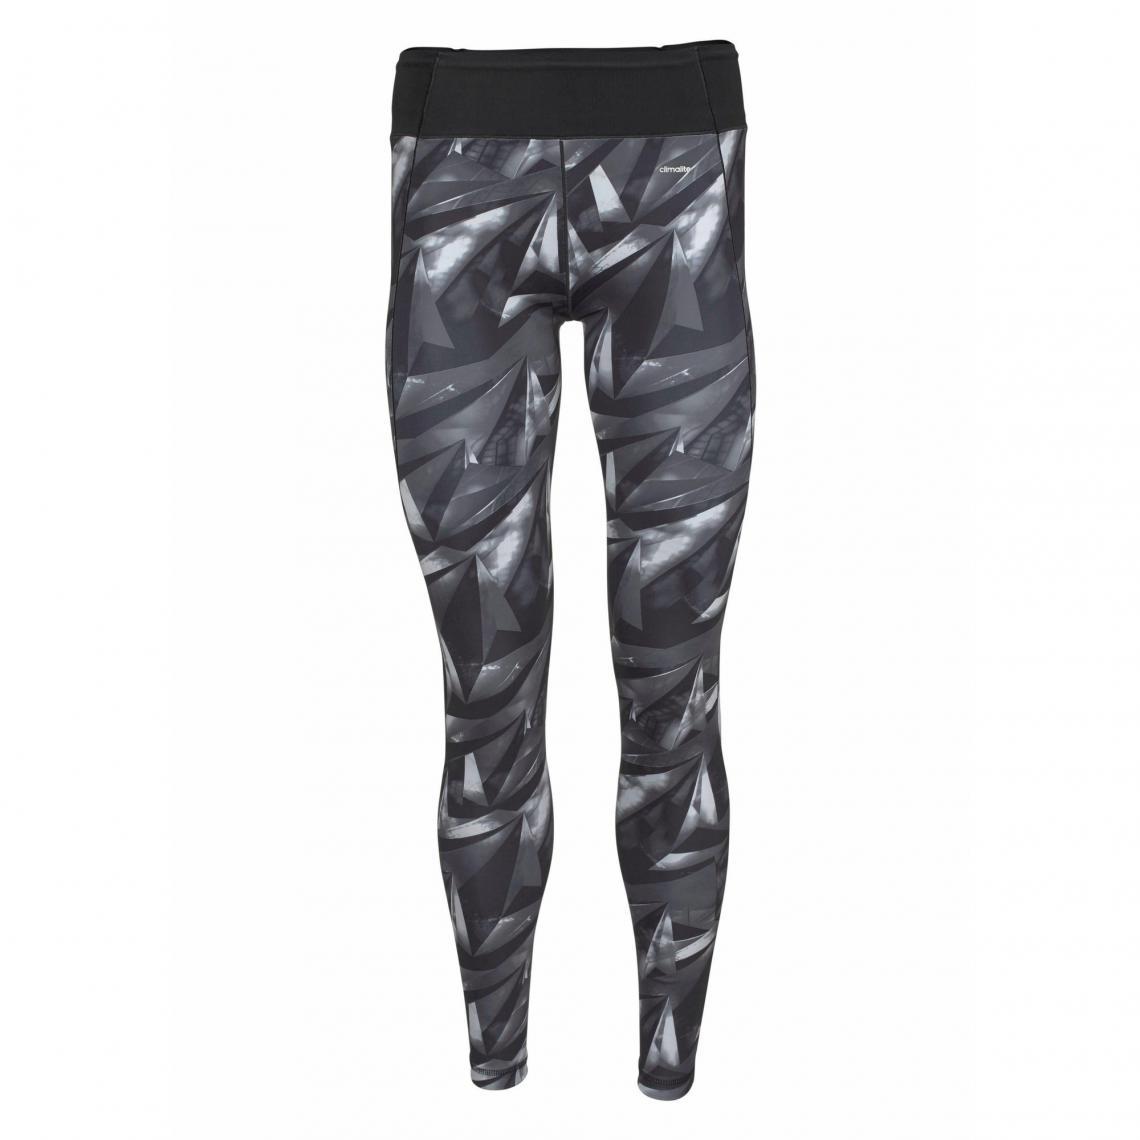 Legging Performance Graphique Imprimé Adidas Climalite® Sport Femme Iqwqrx 275f669d3f6